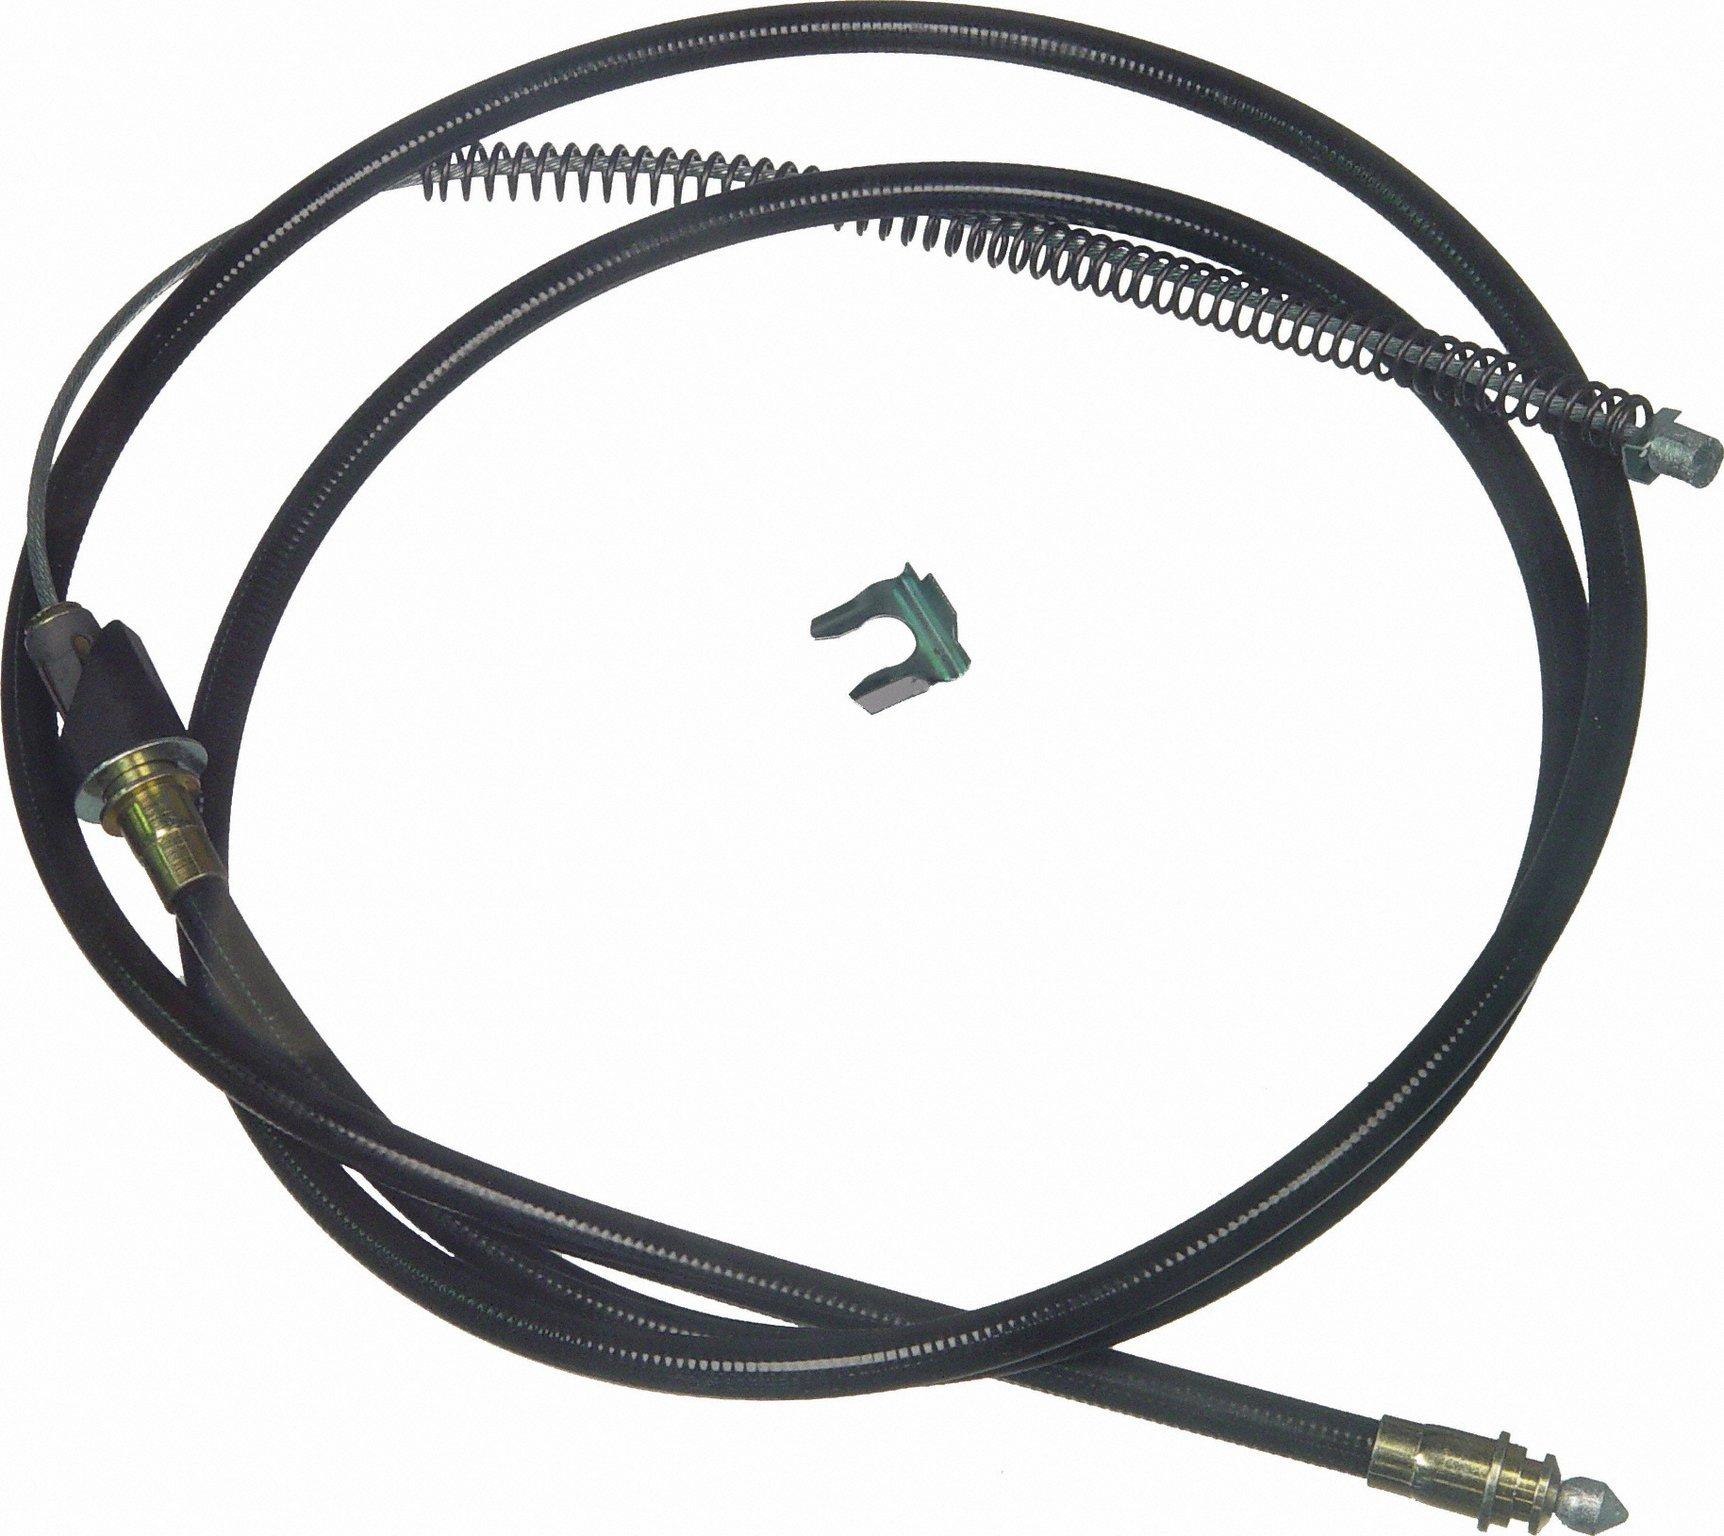 Dodge Dynasty 1991 1993 Parking Brake Cable: 1993 Dodge D350 Parking Brake Cable